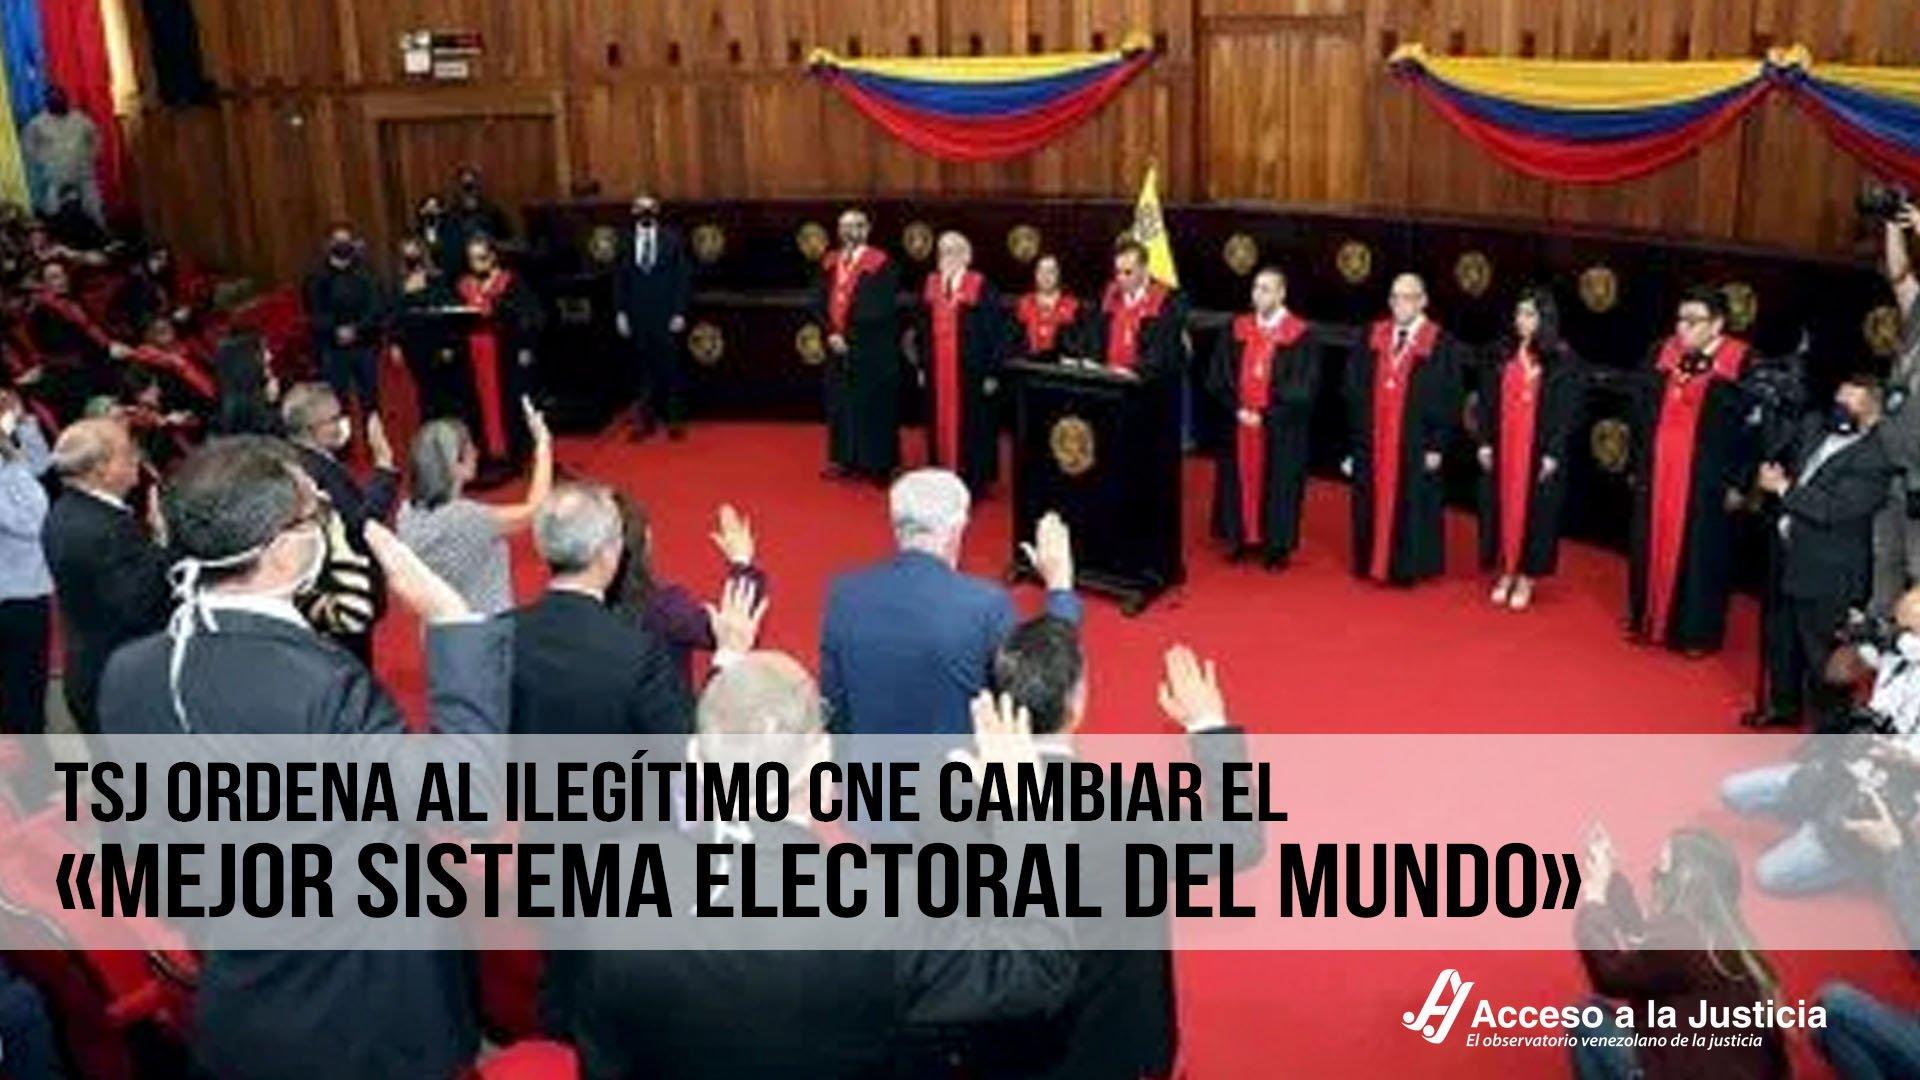 TSJ ordena al ilegítimo CNE cambiar el «mejor sistema electoral del mundo»